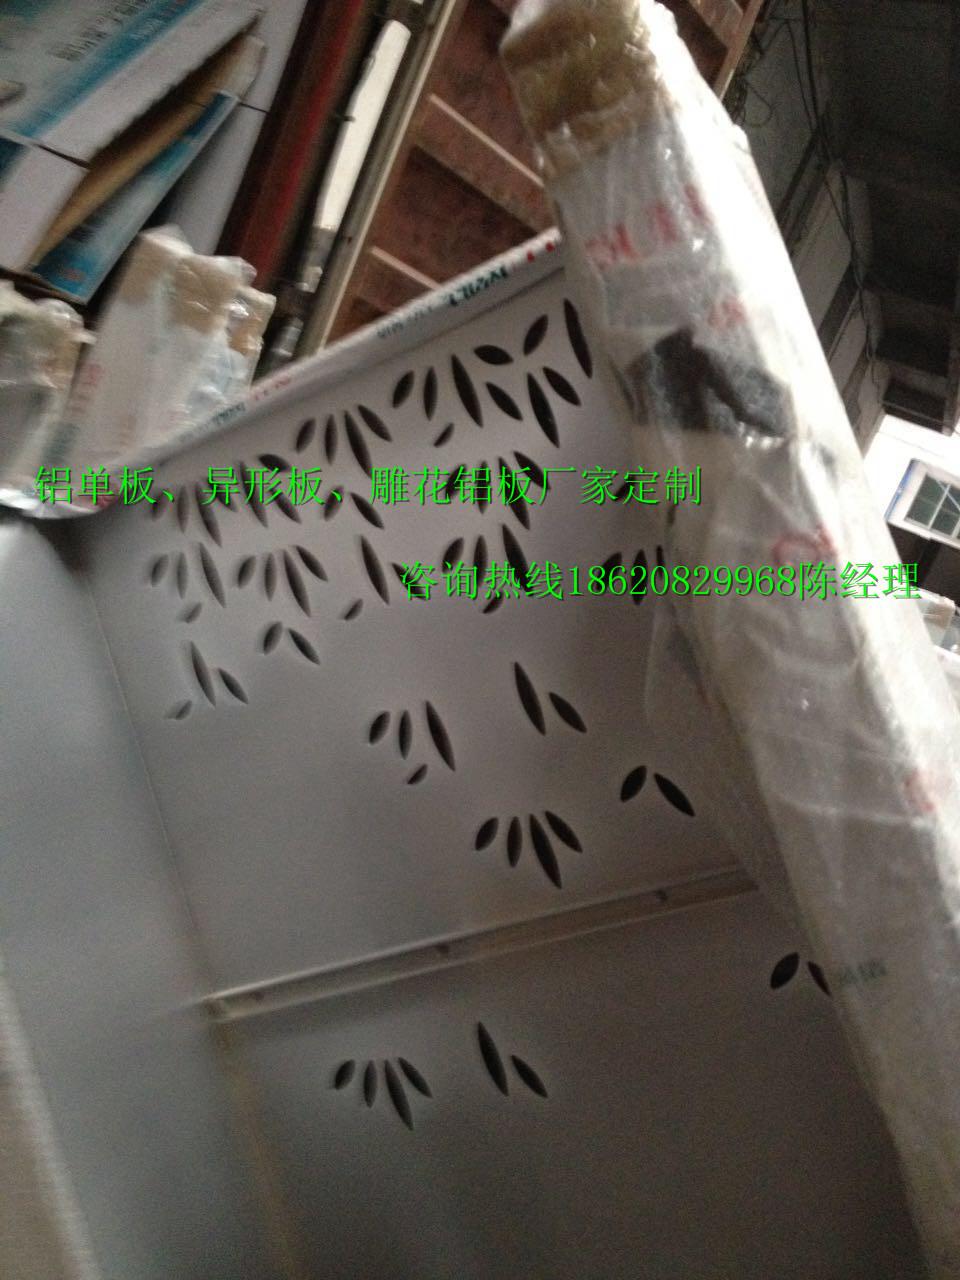 安顺铝单板厂家定制-幕墙铝单板指导价格-广州广京装饰材料有限公司